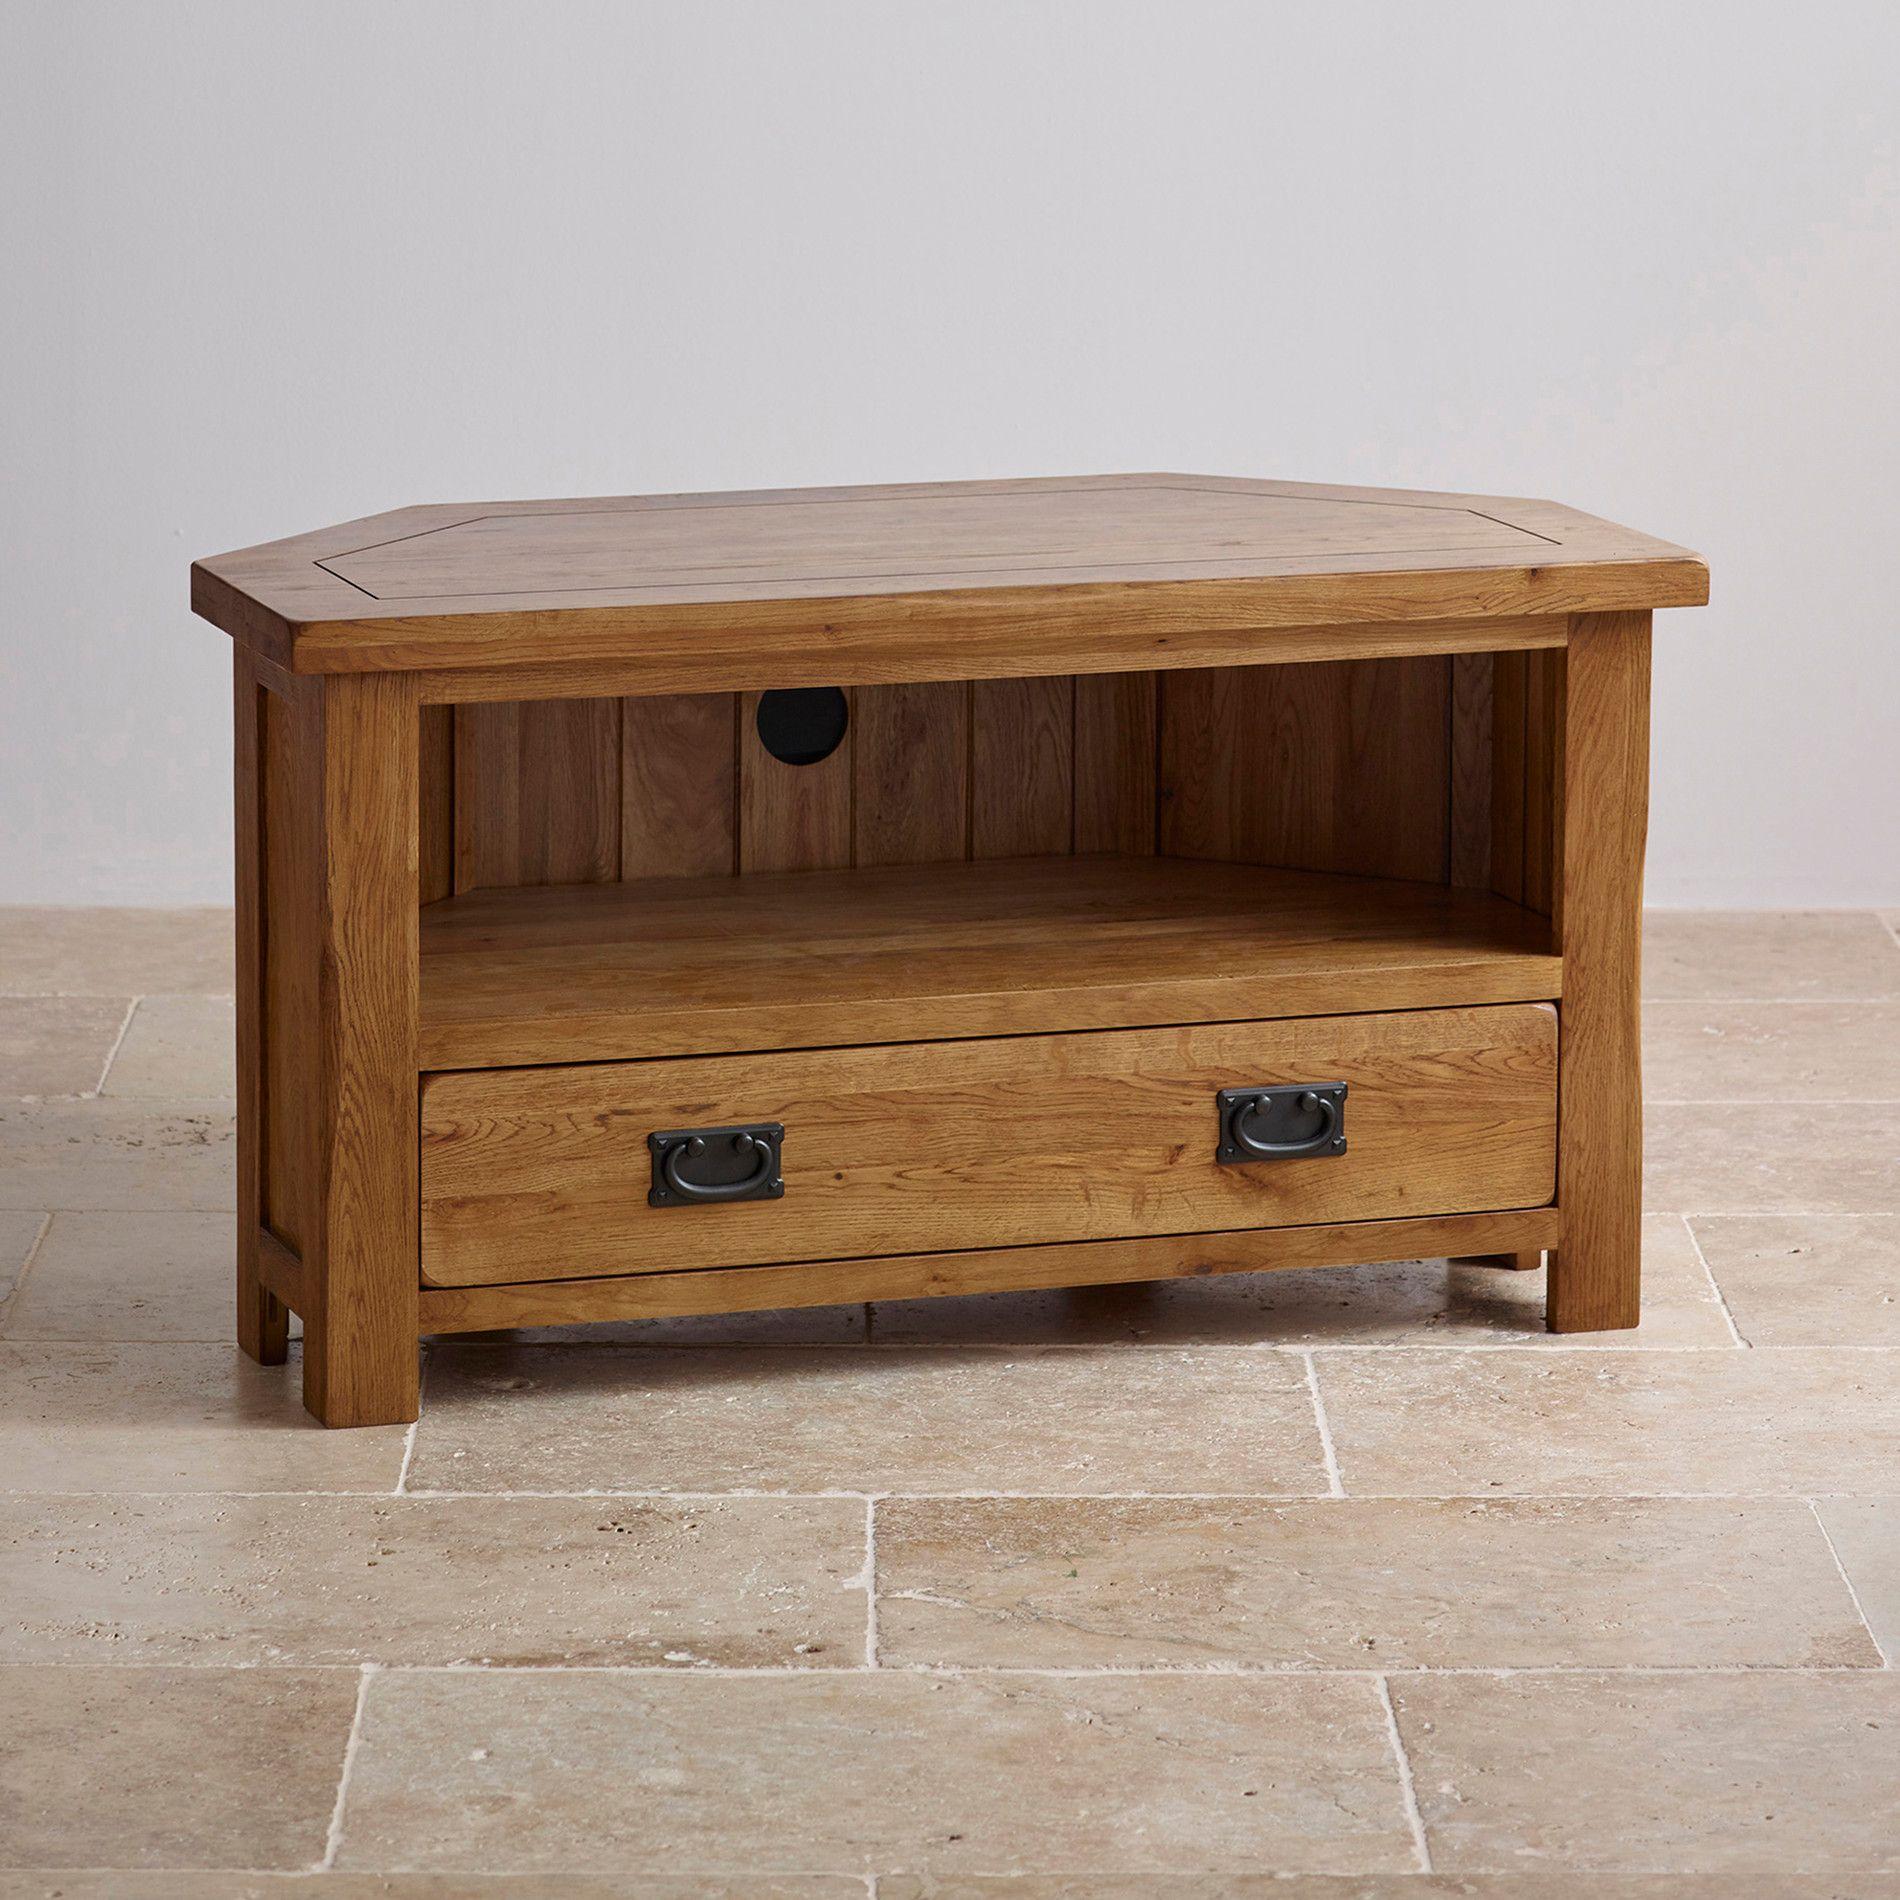 Rustic Corner Tv Unit In Solid Oak Oak Furnitureland Corner Tv Stand Rustic Oak Corner Tv Unit Oak Furniture Land